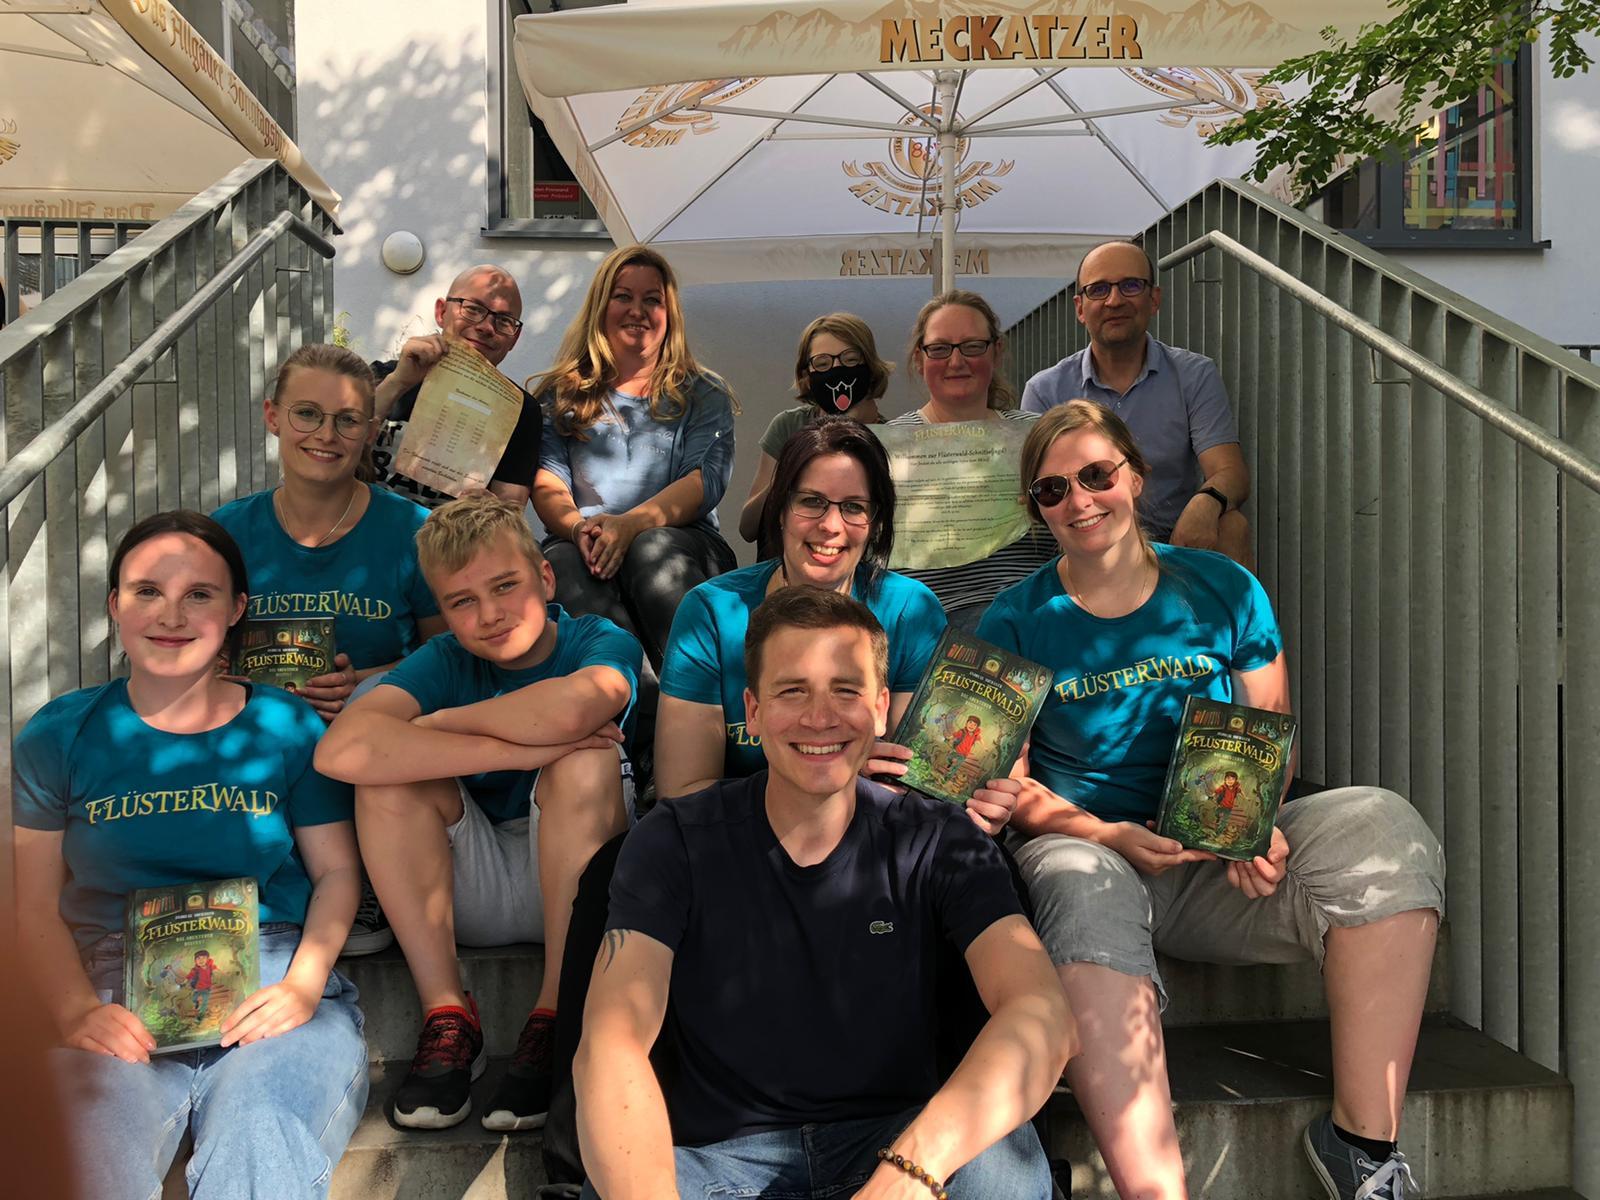 Unsere Schnitzeljagd zur neuen Kinderbuchreihe »Flüsterwald«